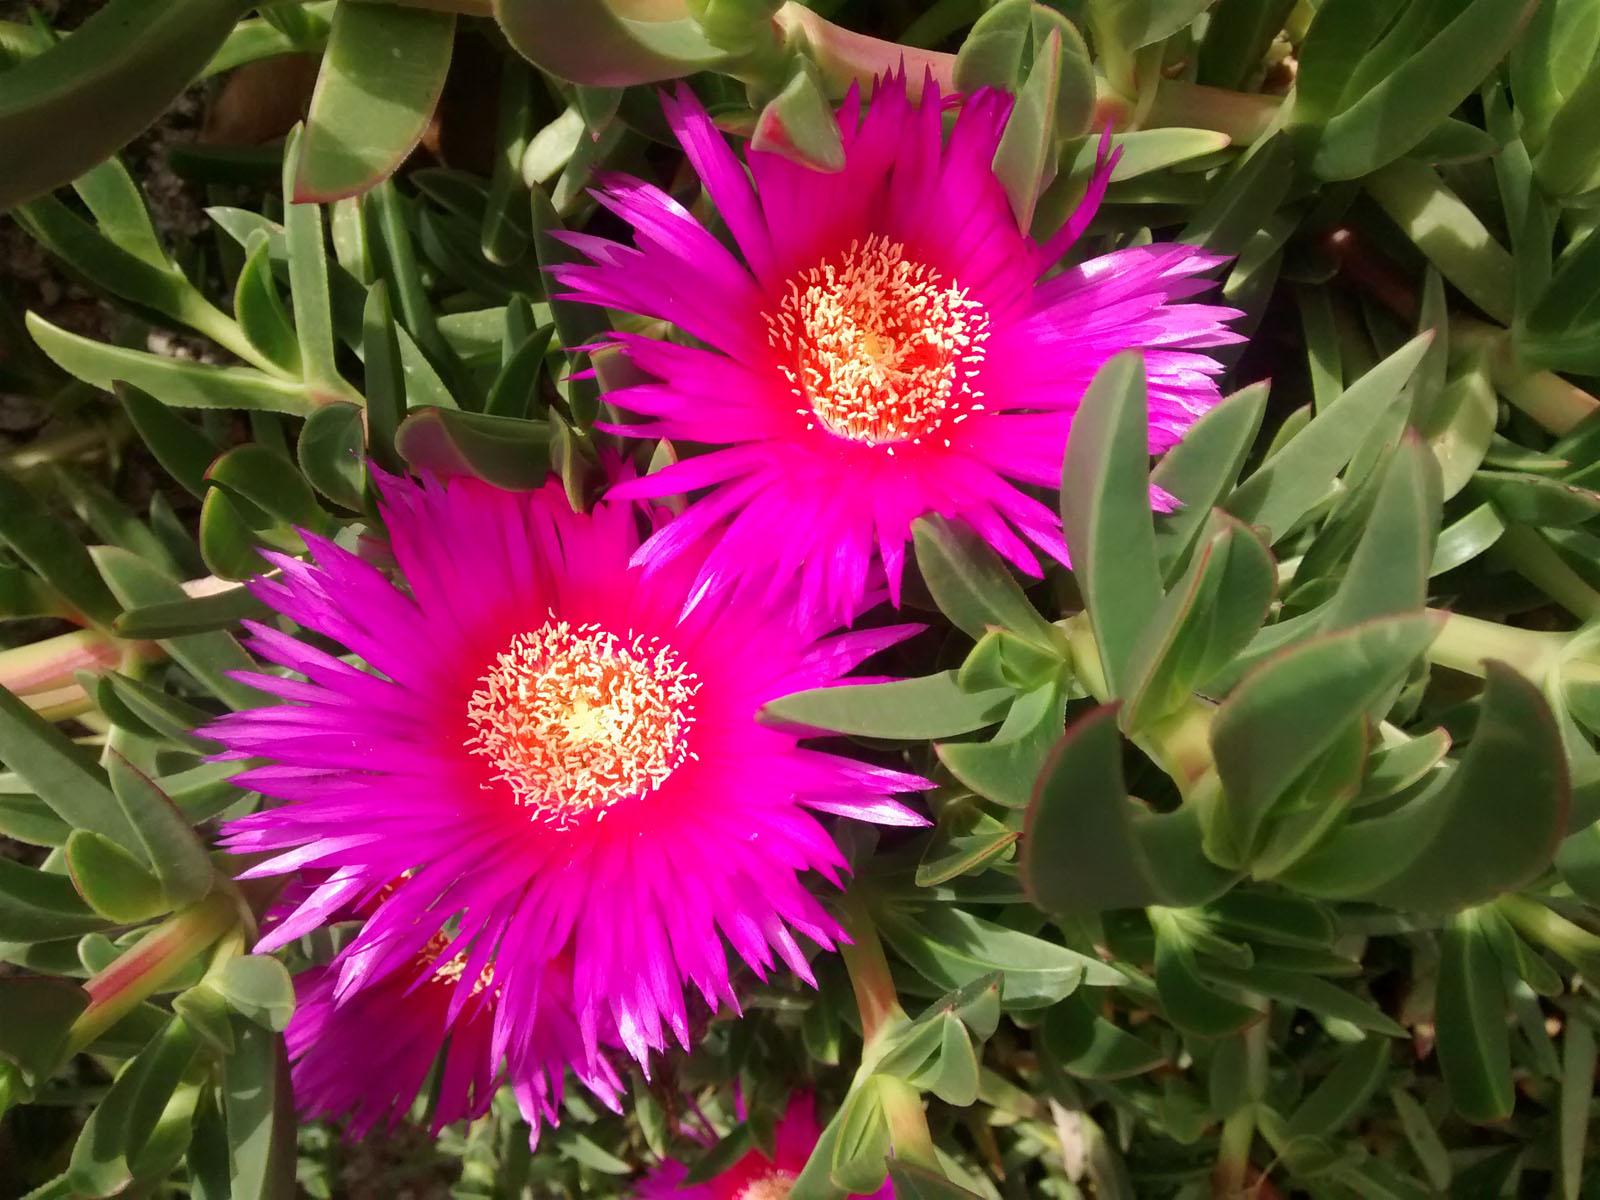 Immagini Piante E Fiori fiori delle piante grasse foto e consigli -